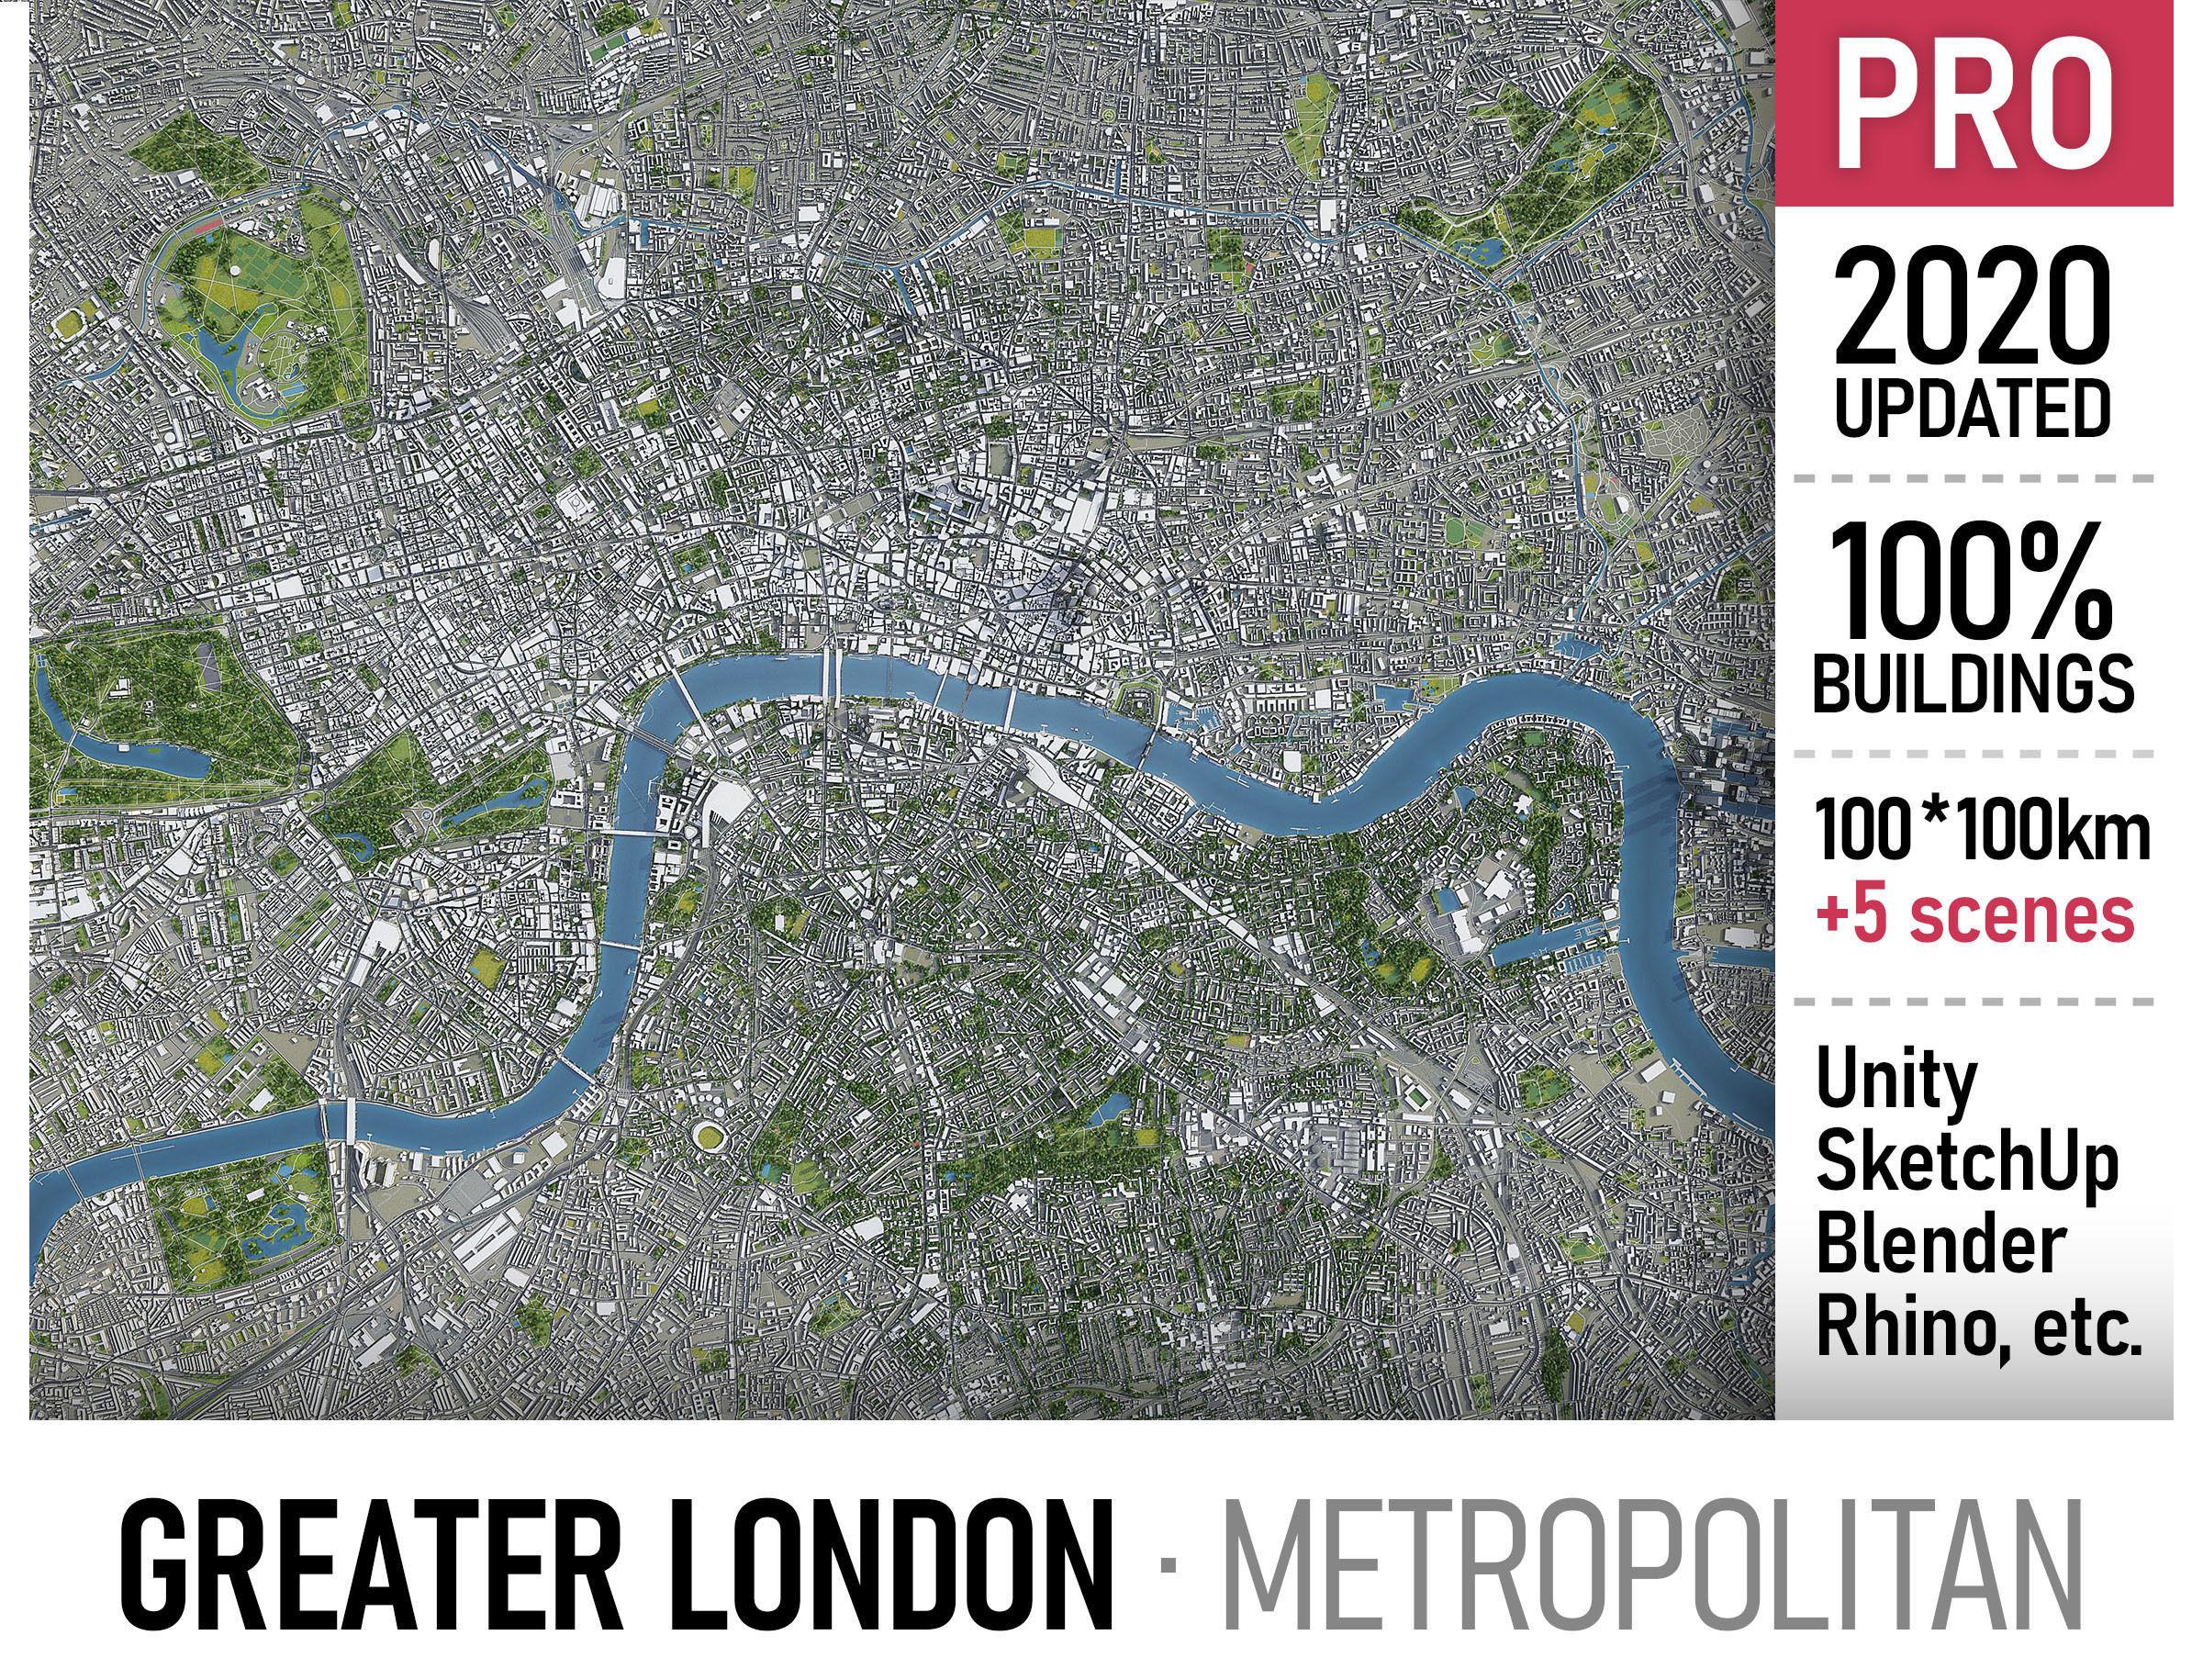 Greater London - metropolitan area